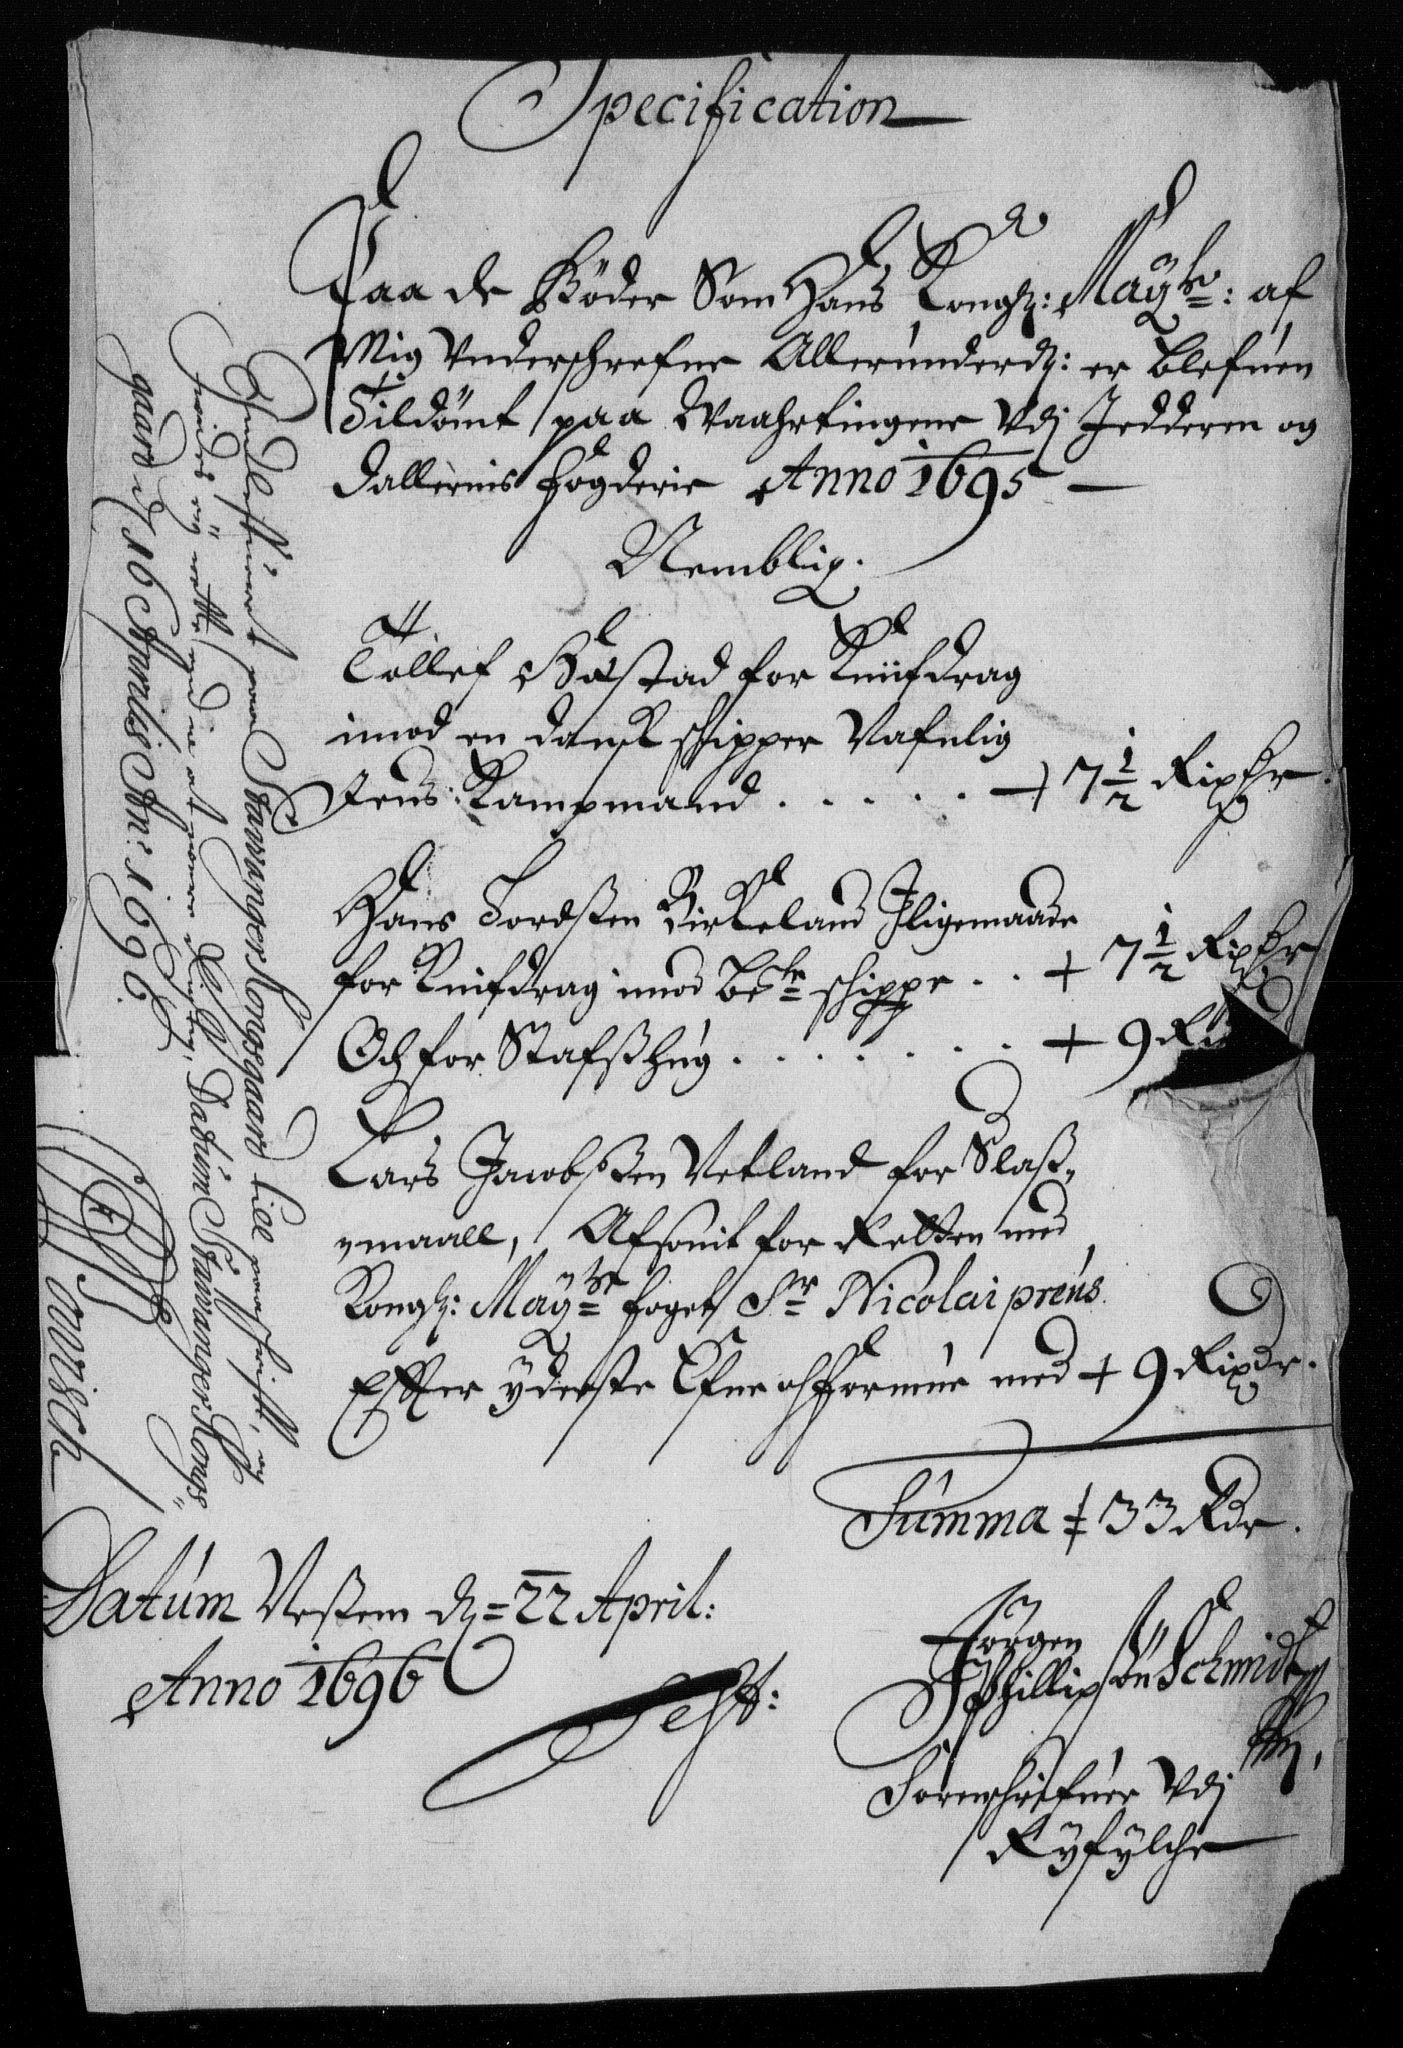 RA, Rentekammeret inntil 1814, Reviderte regnskaper, Fogderegnskap, R46/L2728: Fogderegnskap Jæren og Dalane, 1694-1696, s. 252